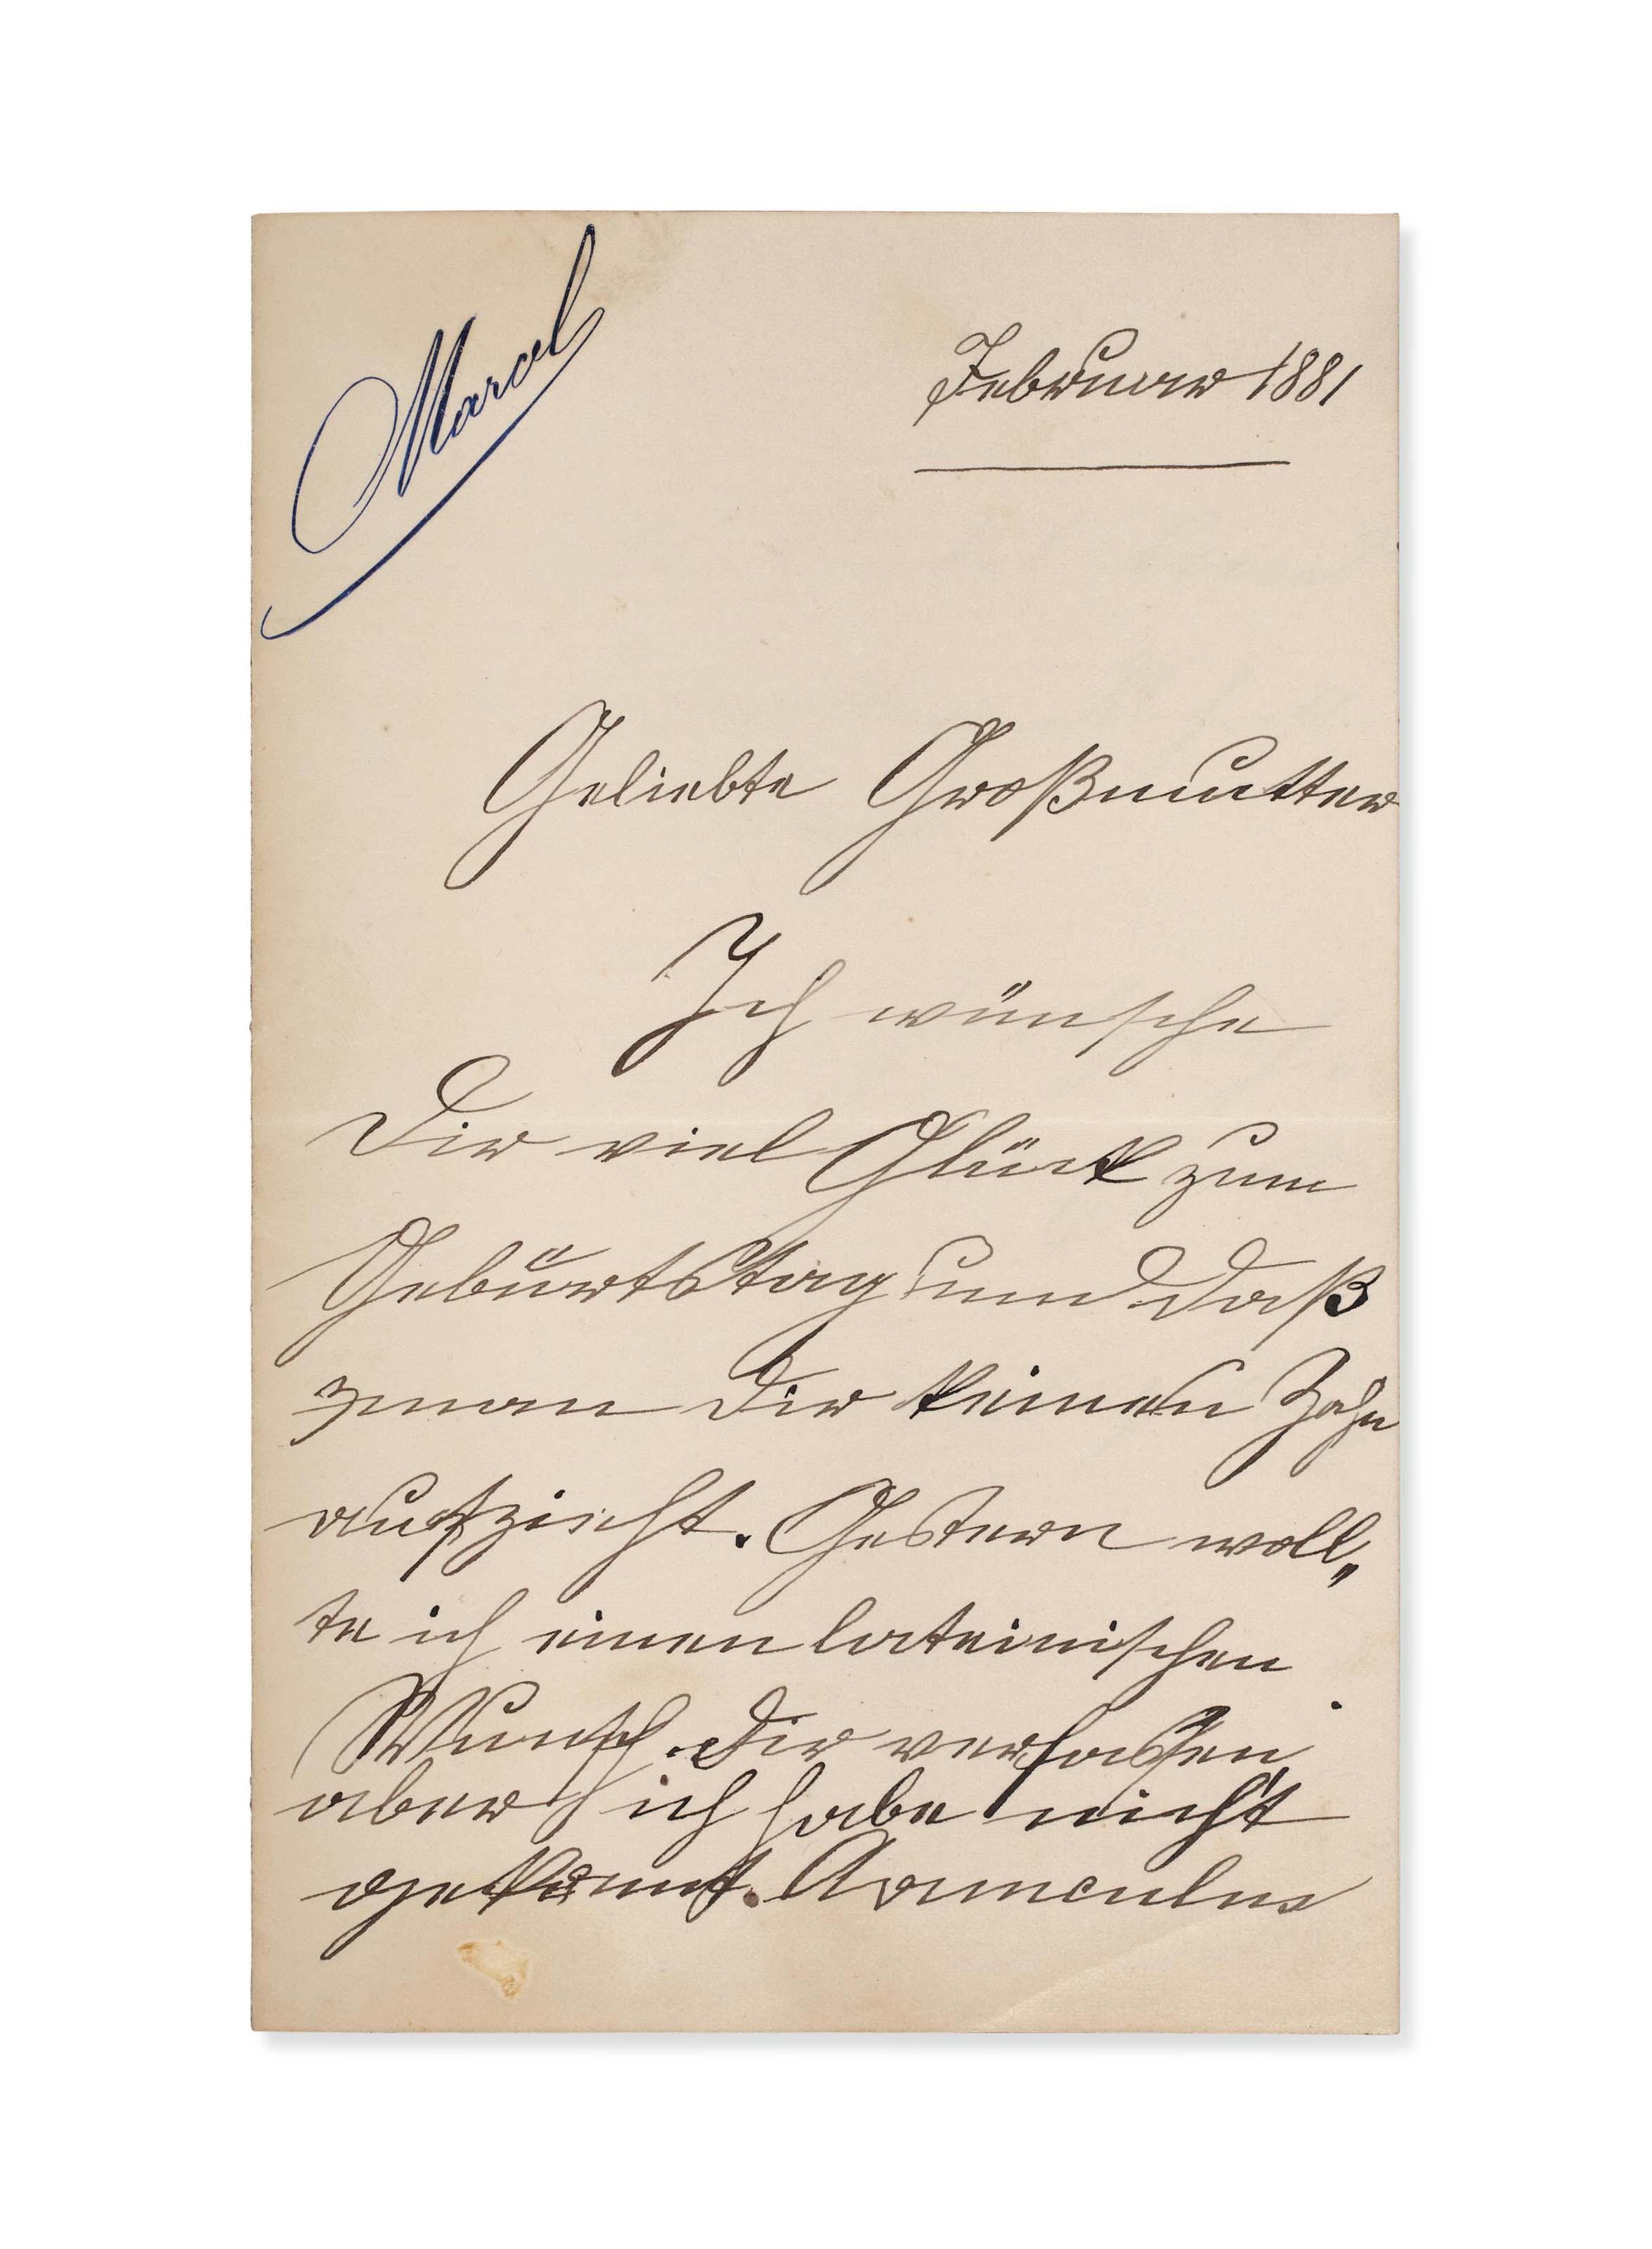 """PROUST, Marcel (1871-1922). Lettre autographe en allemand gothique signée """"Marcel Proust"""" à Mme Nathé Weil, sa grand-mère maternelle, datée """"[5] Februar 1881"""". 2 pages in-12 (156 x 99 mm) sur papier à lettres gravé à son prénom."""